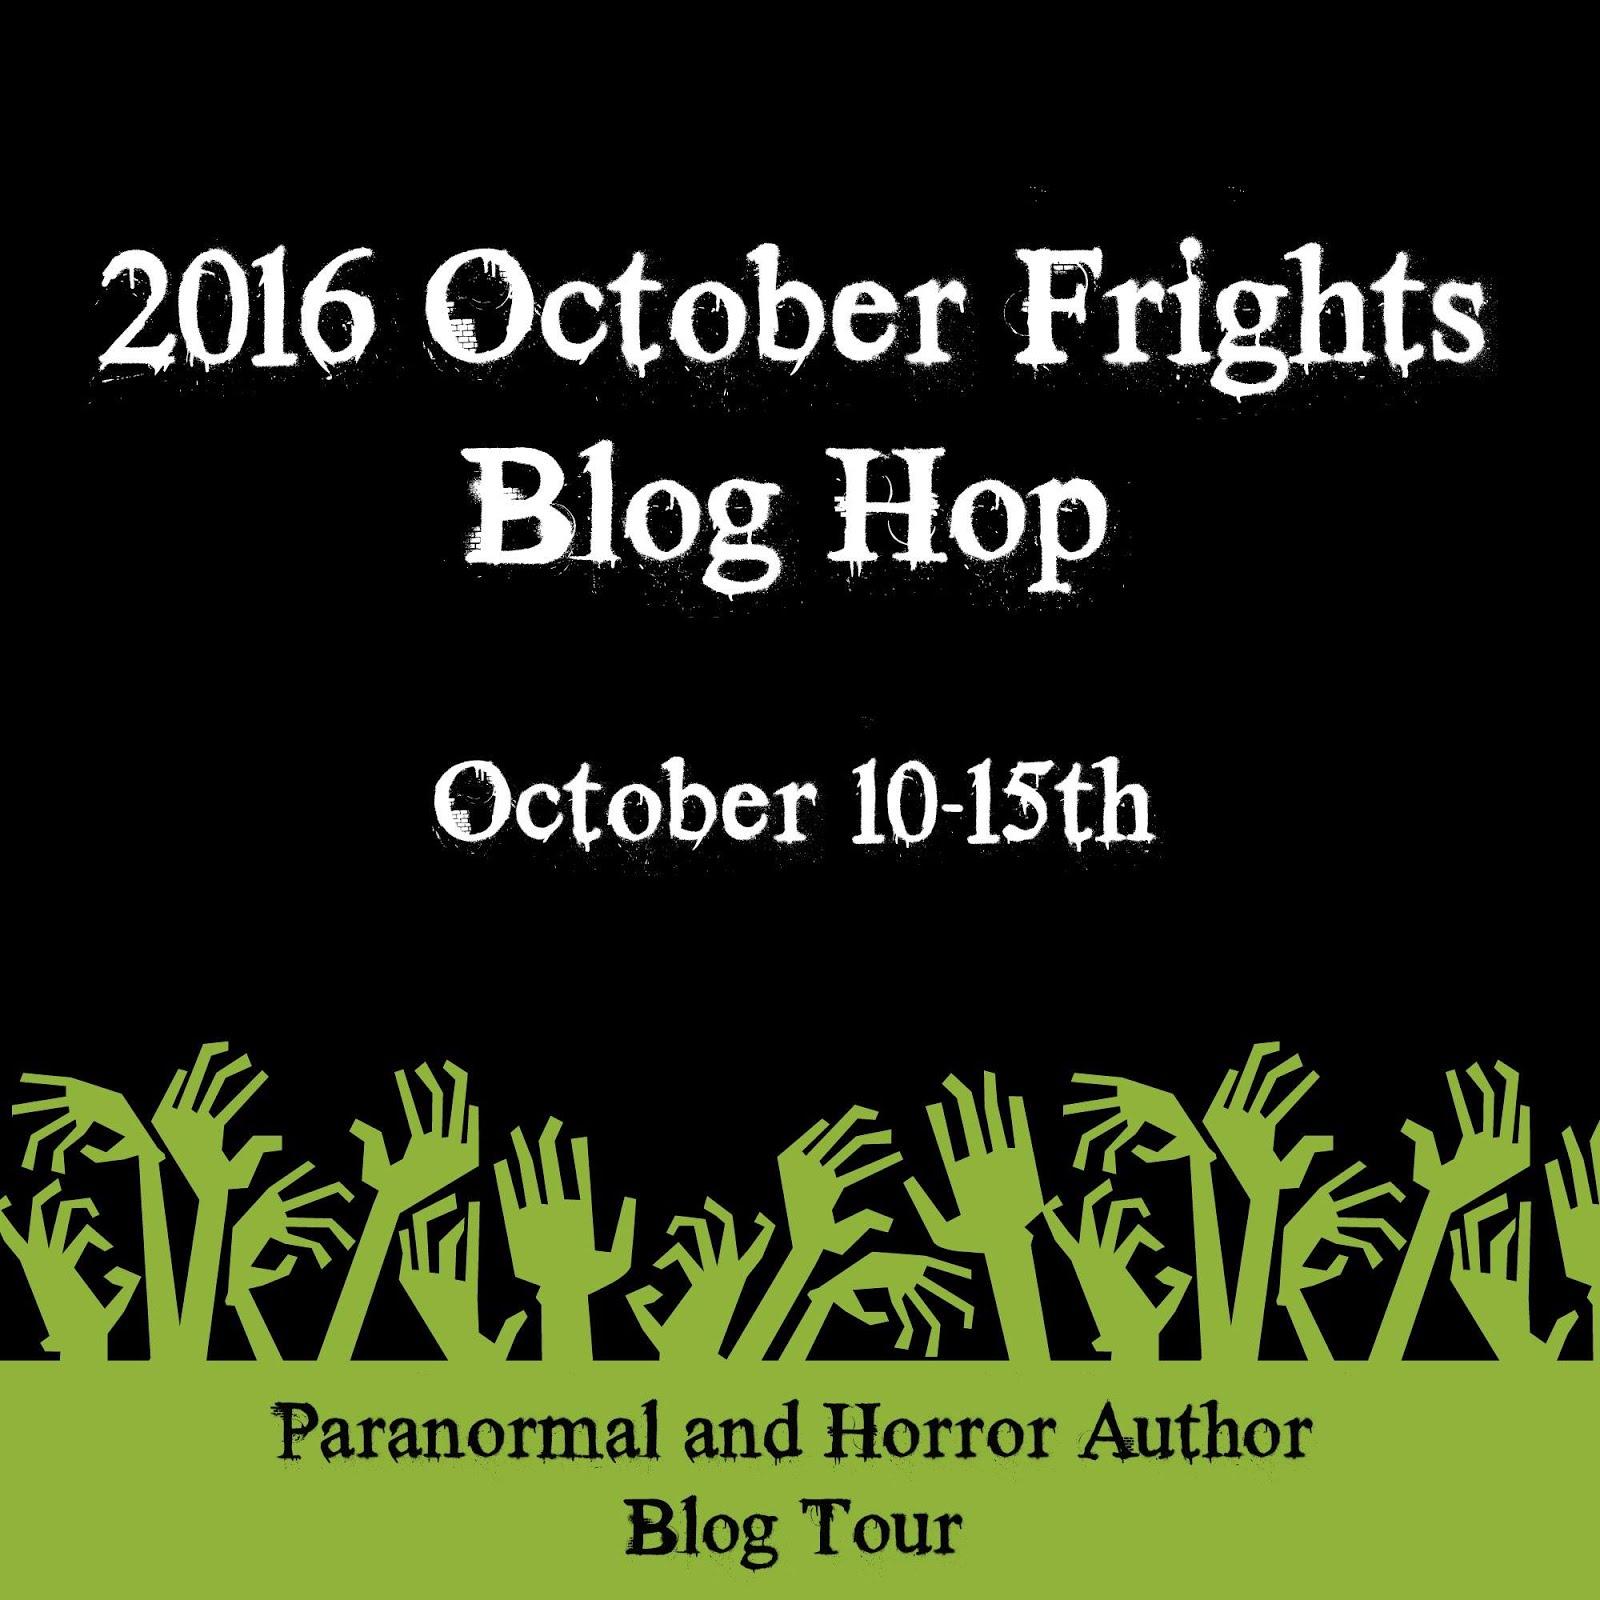 October Frights Blog Hop Oct 10-15